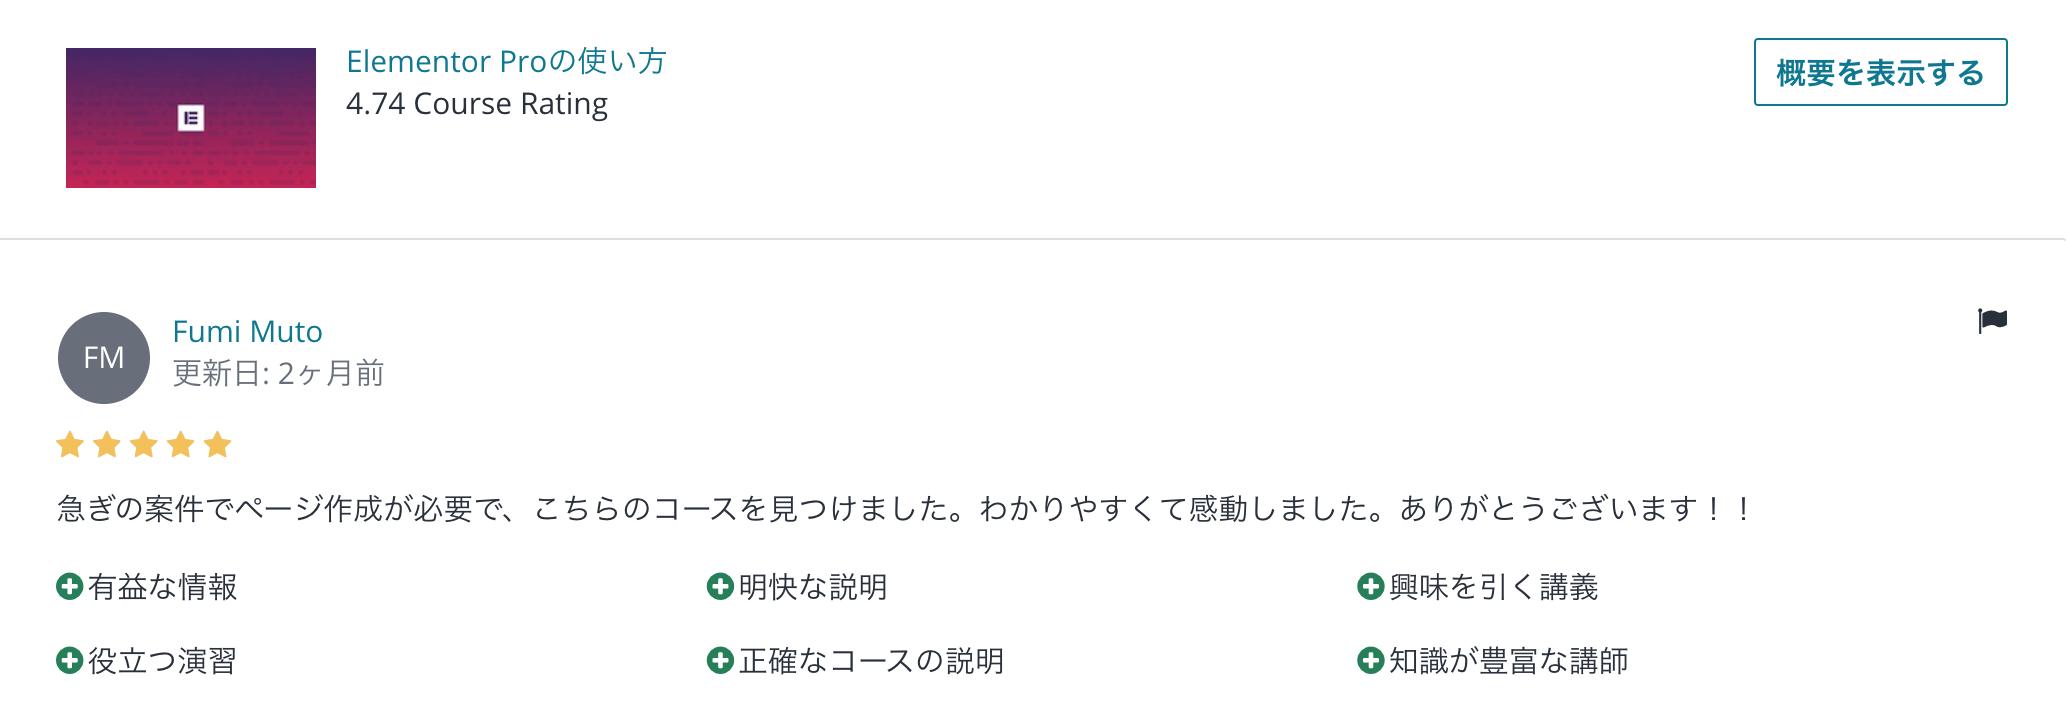 スクリーンショット 2020 02 07 17.03.14